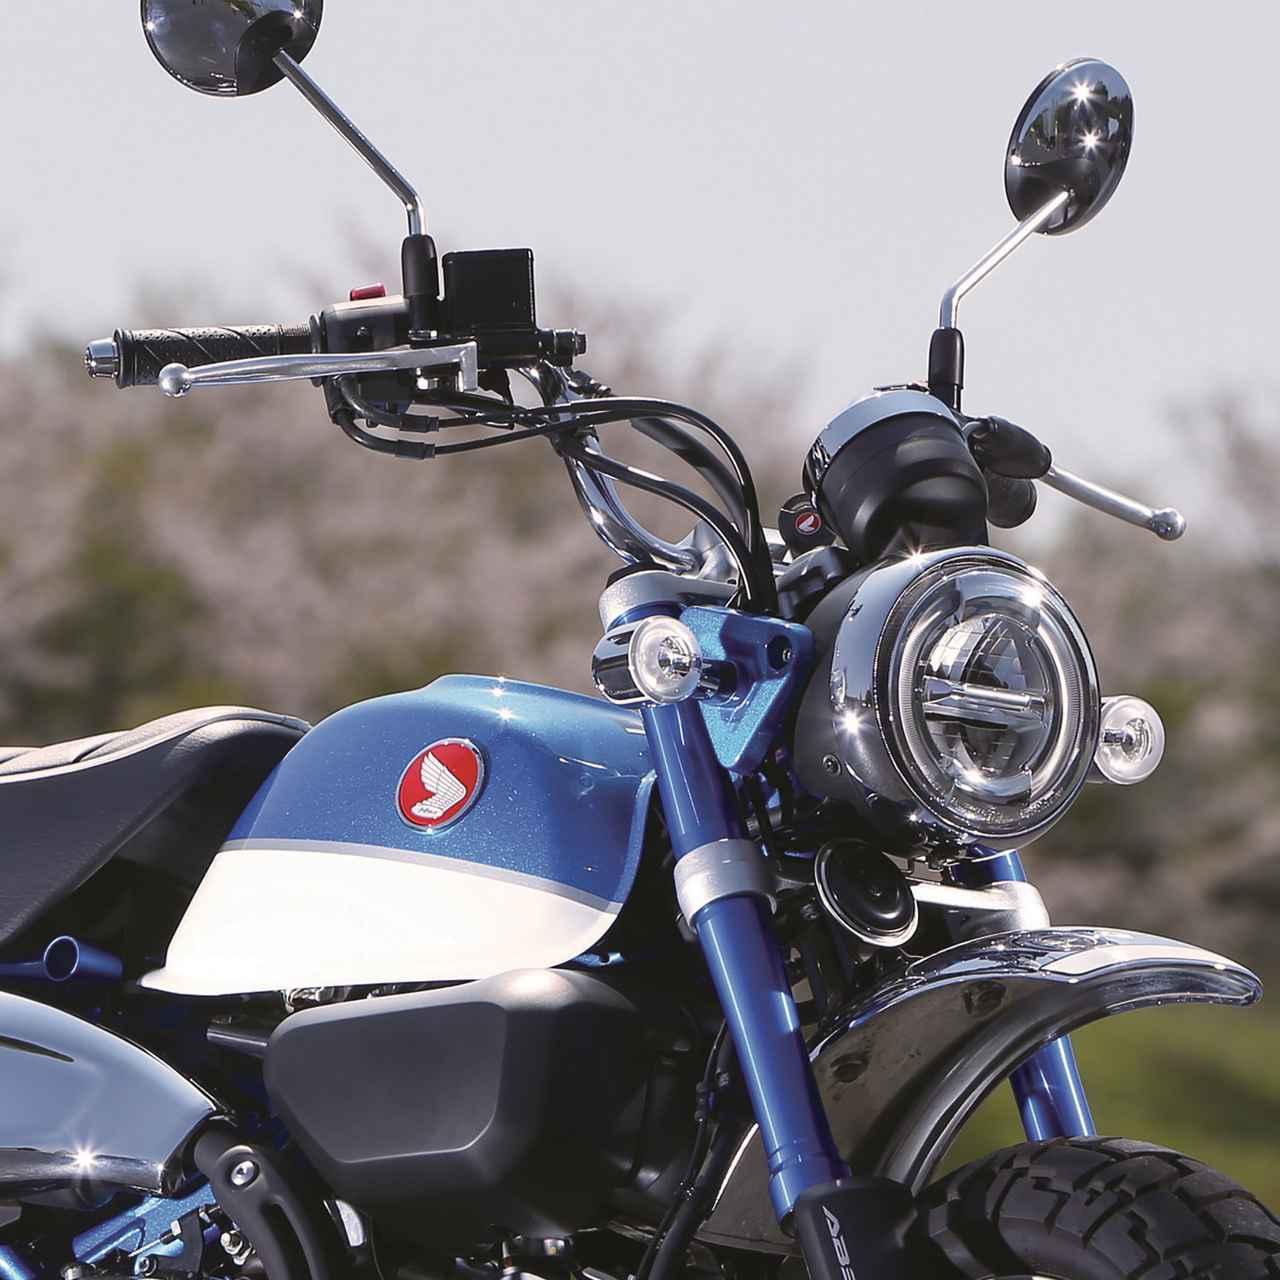 ホンダ「モンキー125」ヒストリーガイド【名車の歴史】50ccから原付二種になって実用性をアップ! 歴代モンキーの系譜も紹介